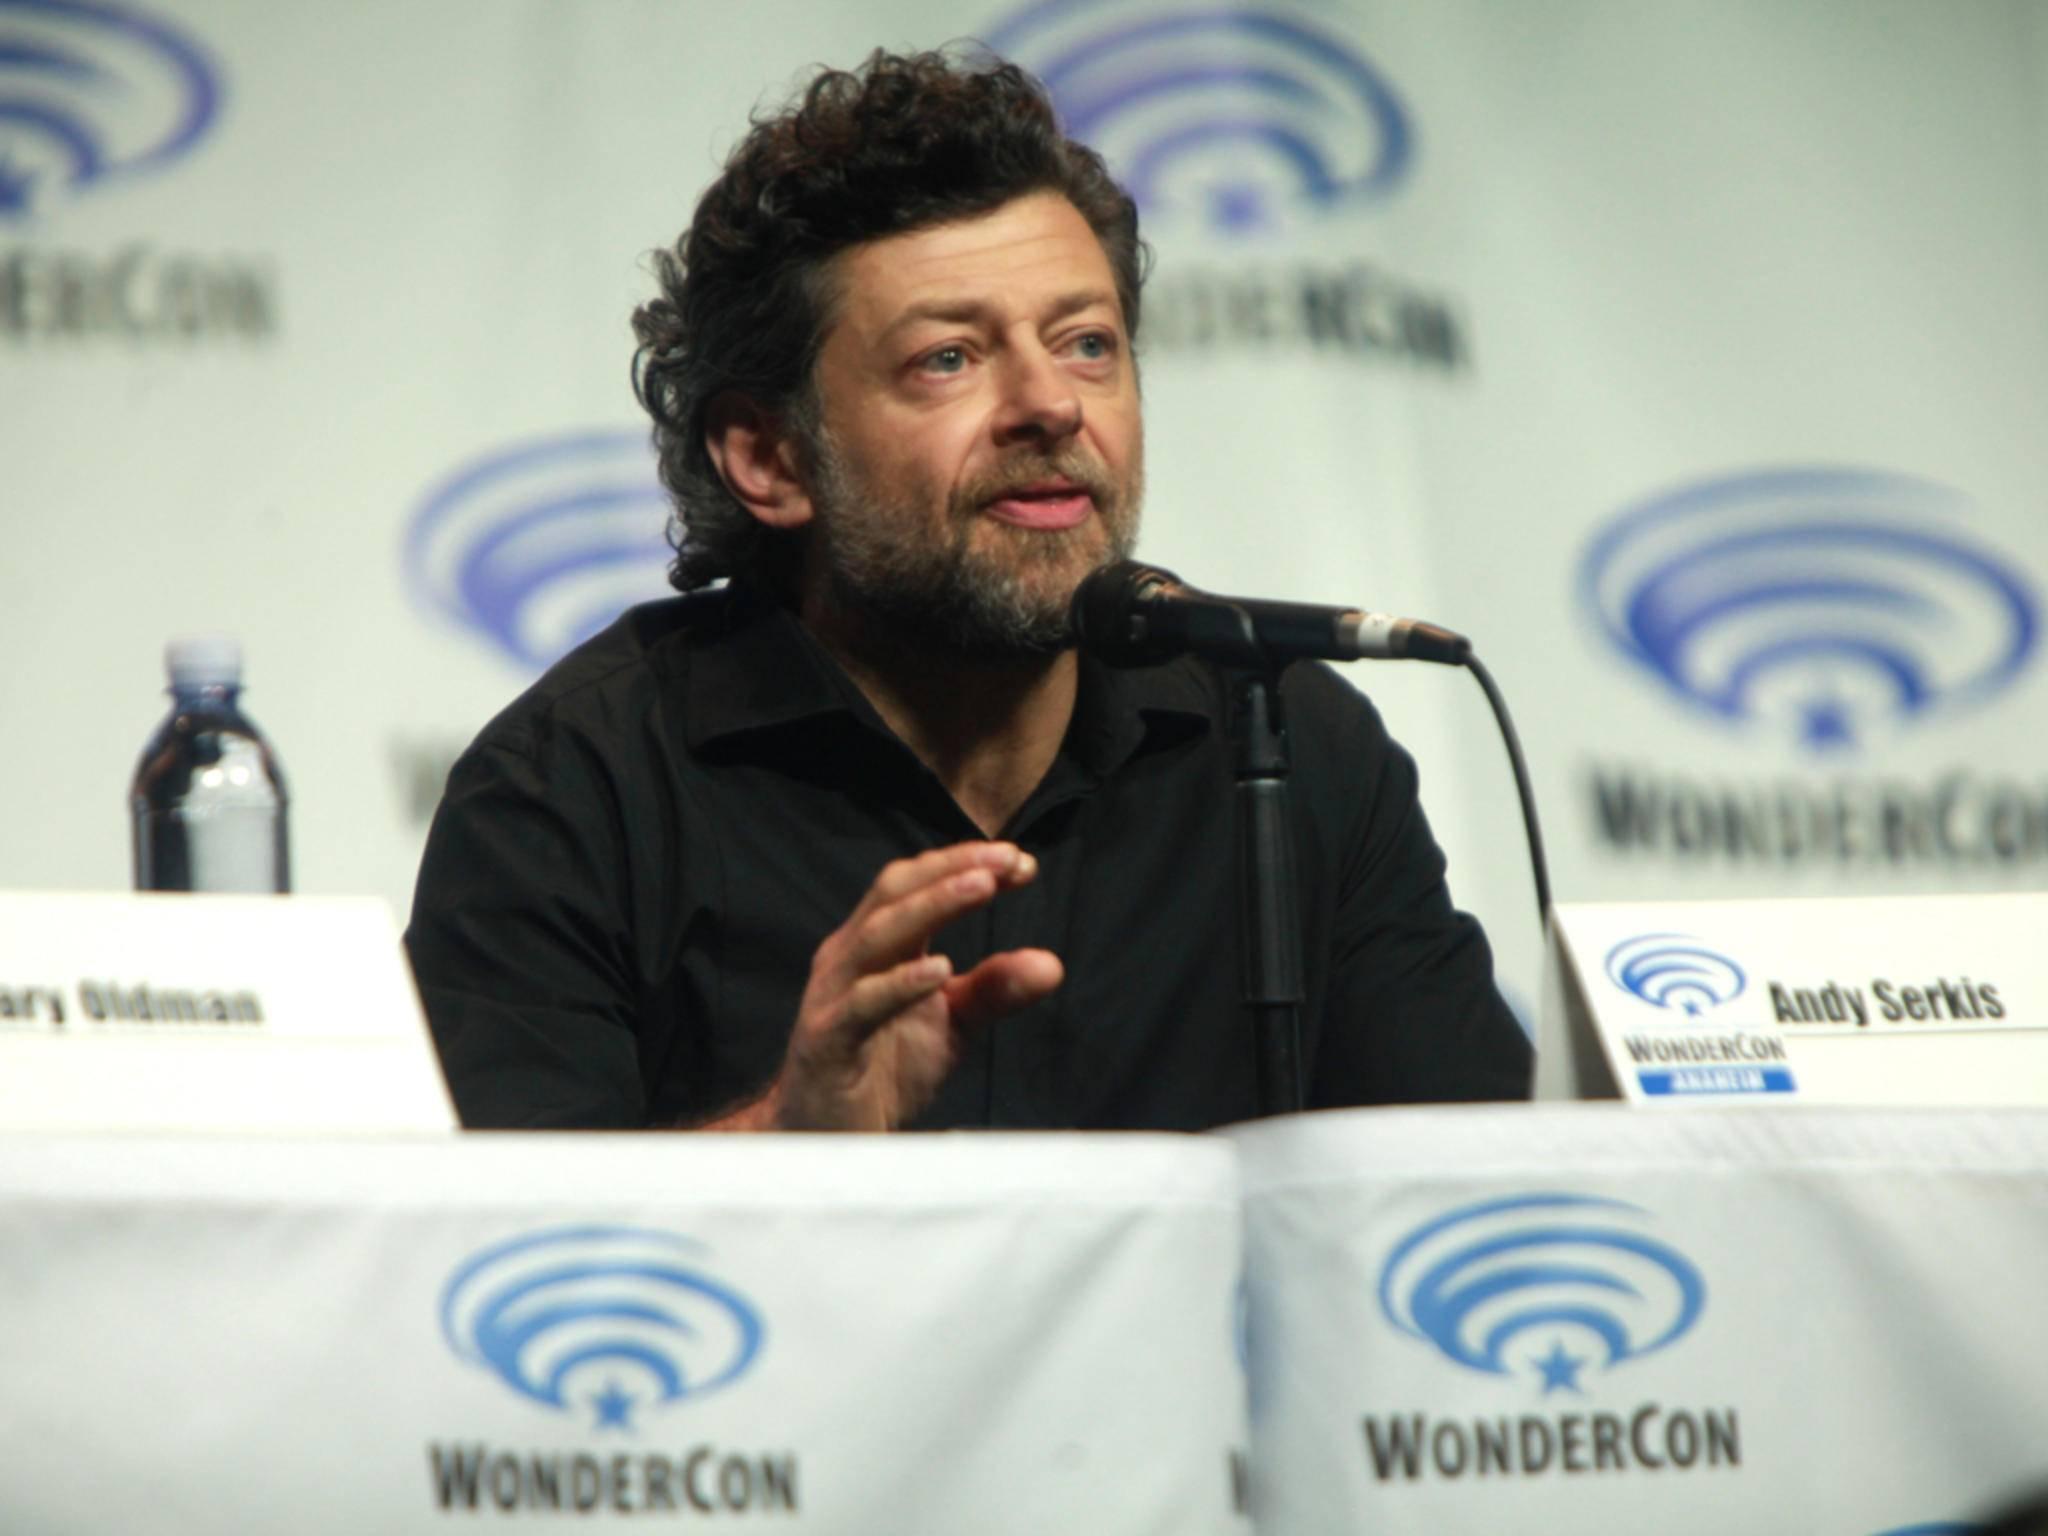 """Andy Serkis spielt ebenfalls im nächsten """"Star Wars""""-Teil mit."""